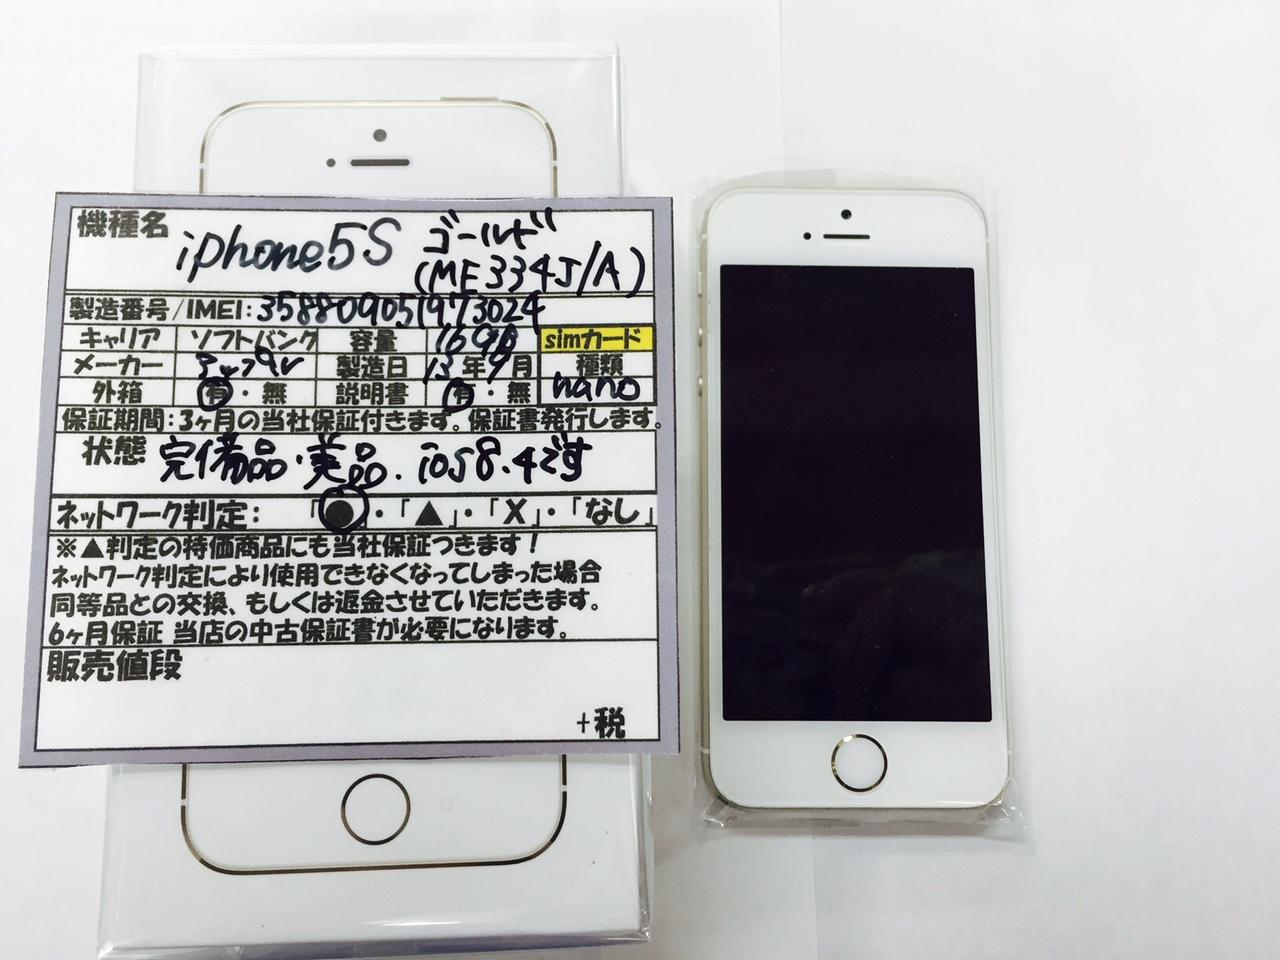 ソフトバンク iPhone5S ゴールド 白ロム